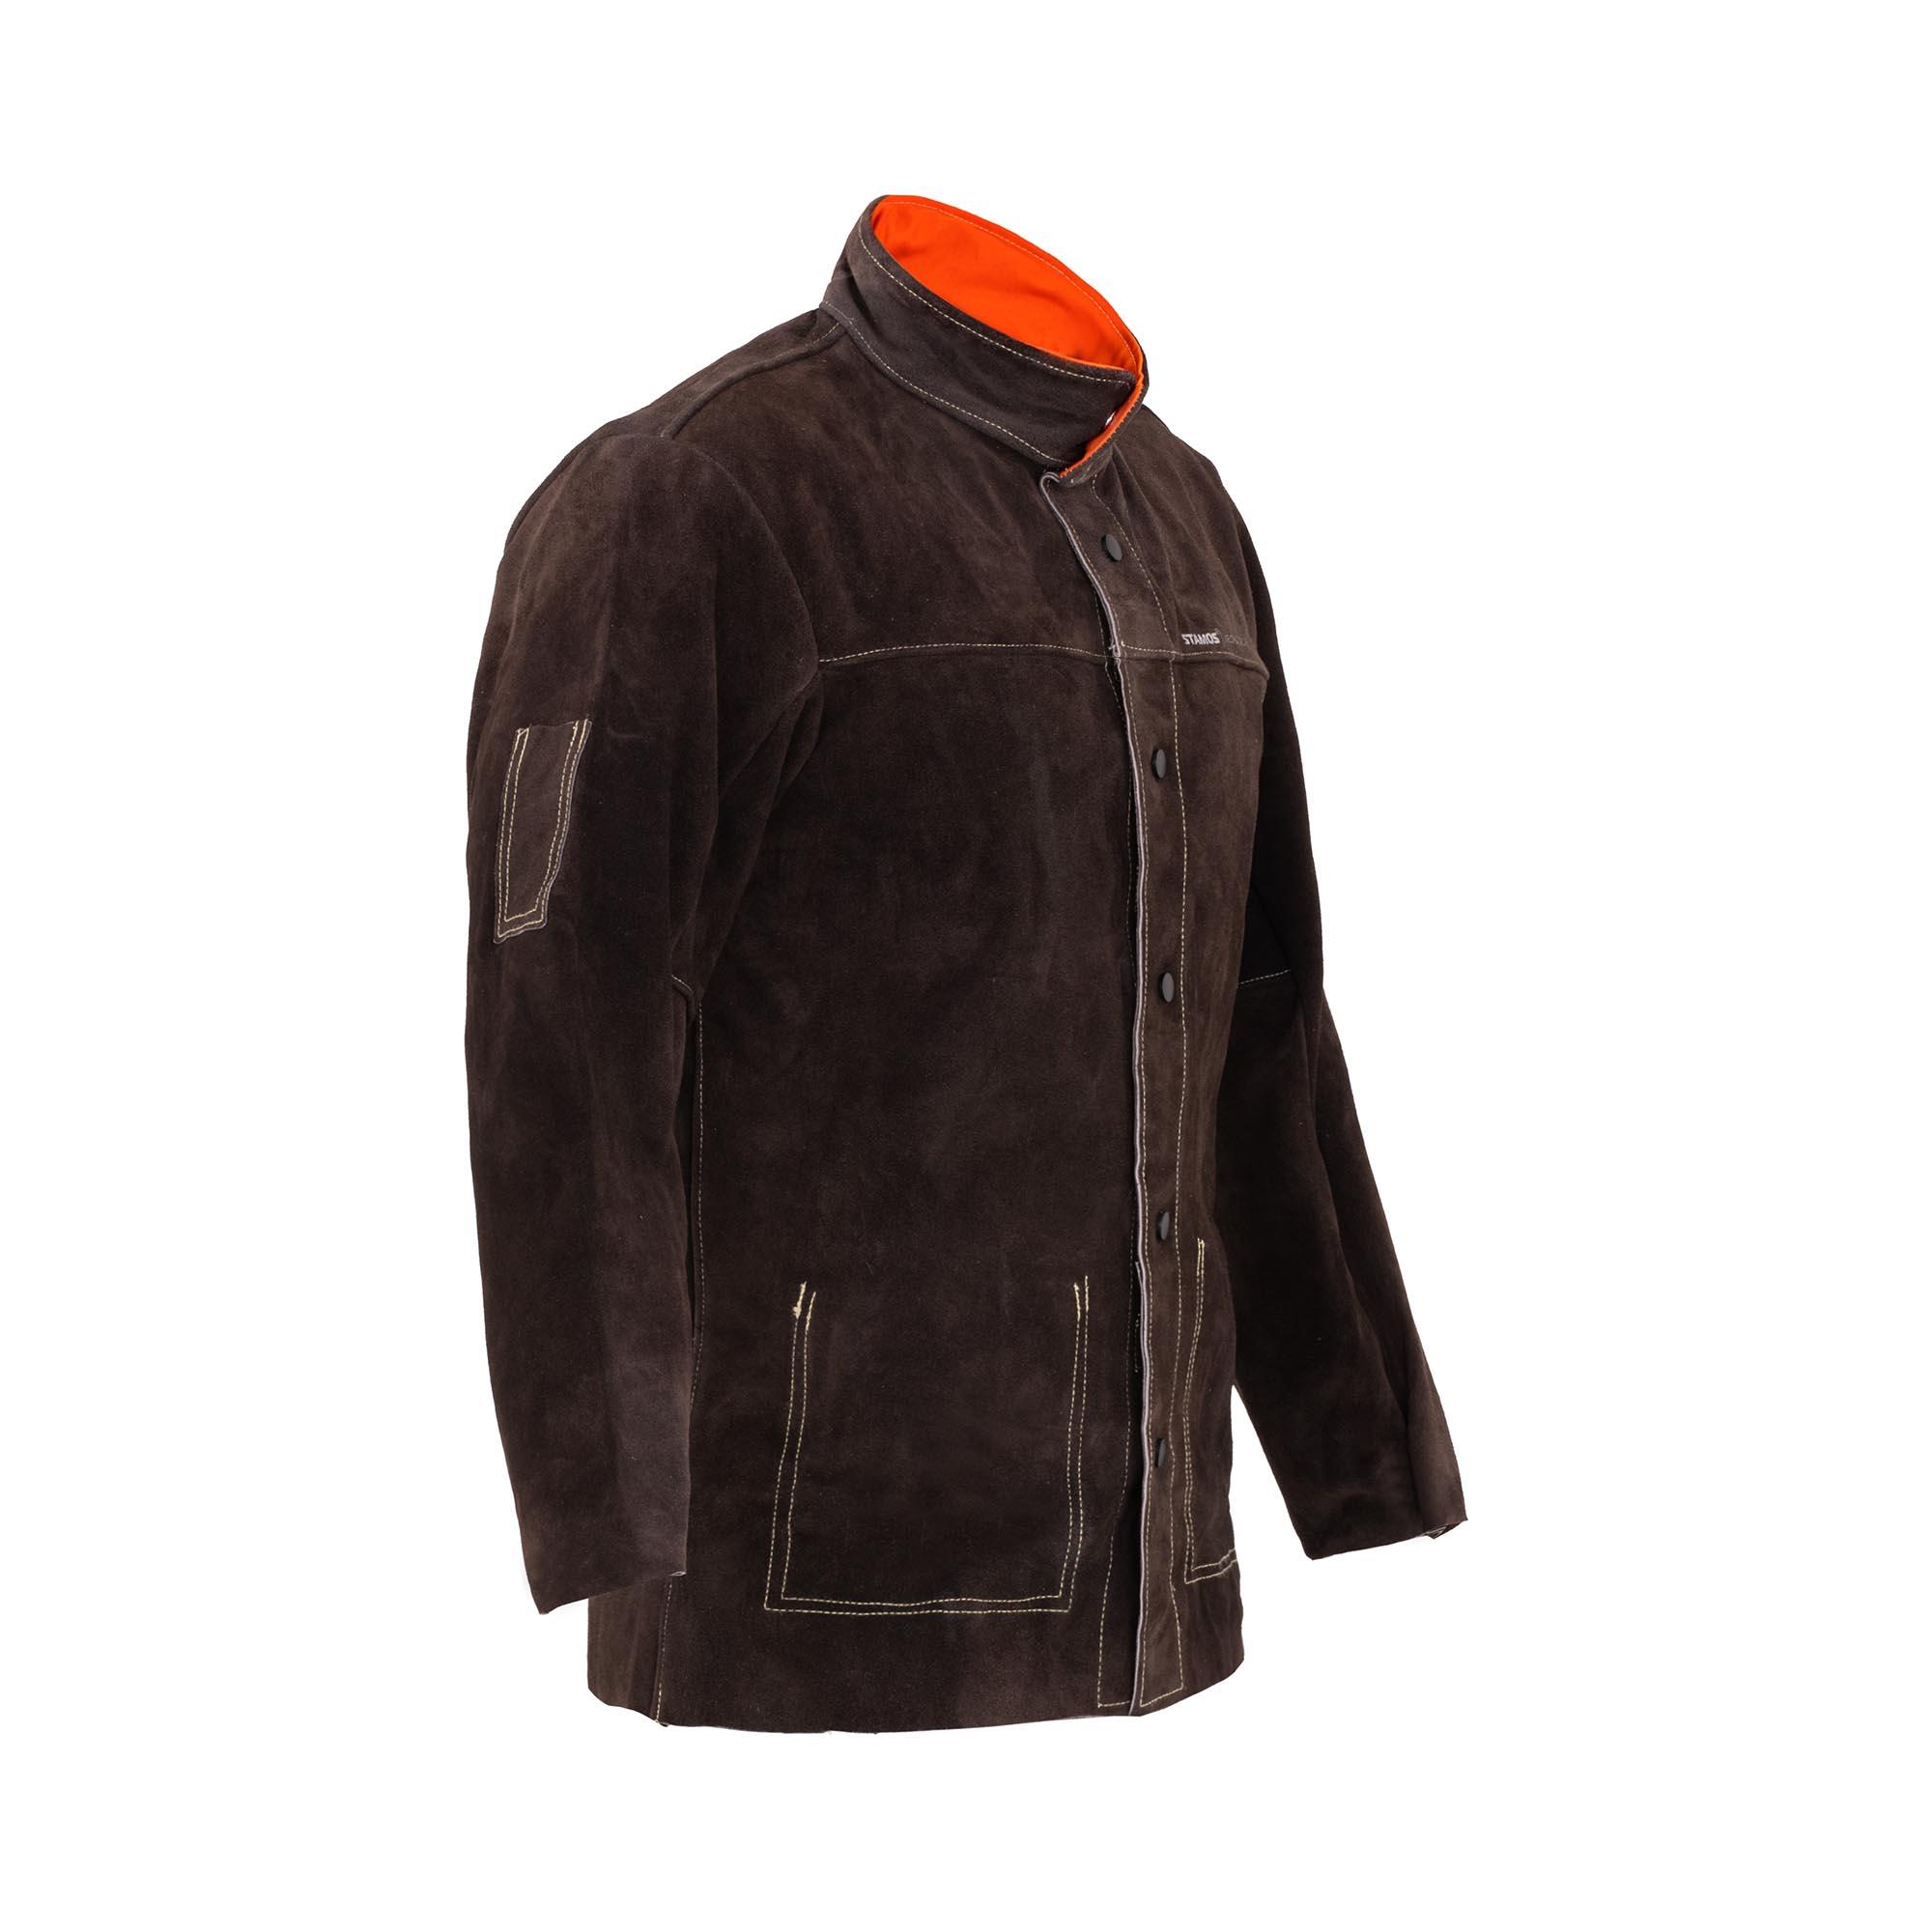 Stamos Welding Group Veste de soudeur en cuir croute de bovin - Taille XL SWJ01XL